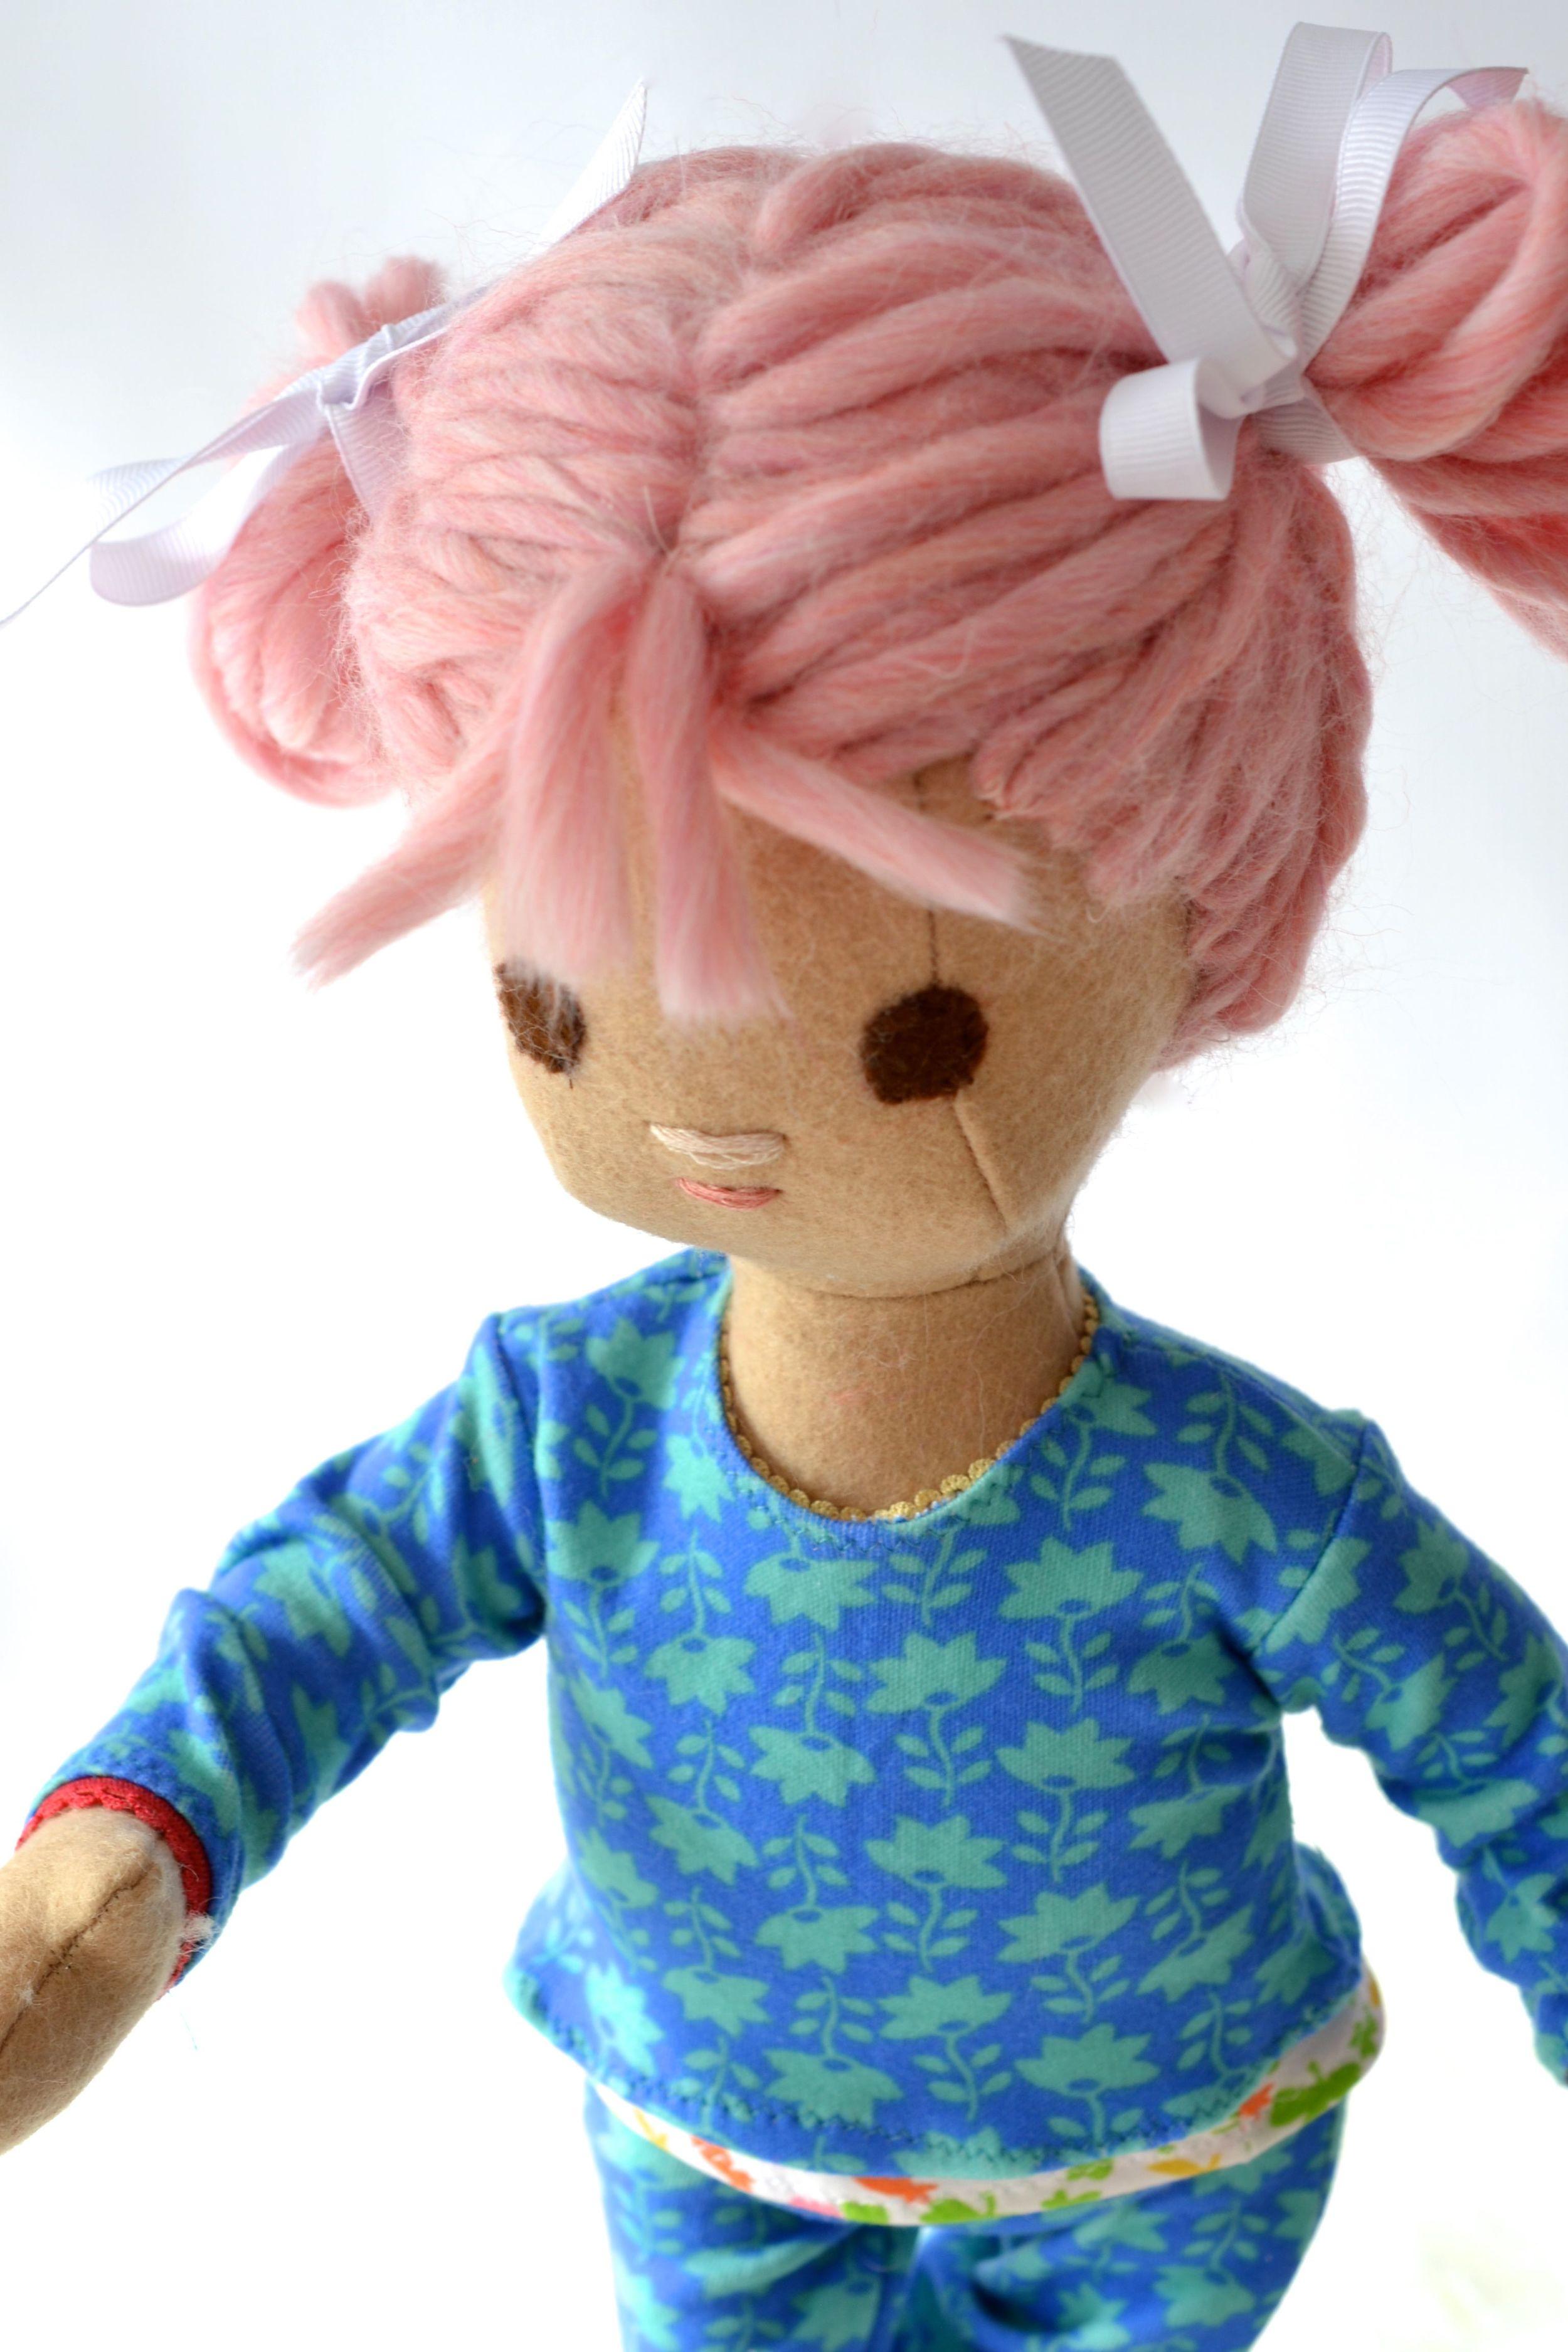 Pink Toddler Doll in PJs1.jpg